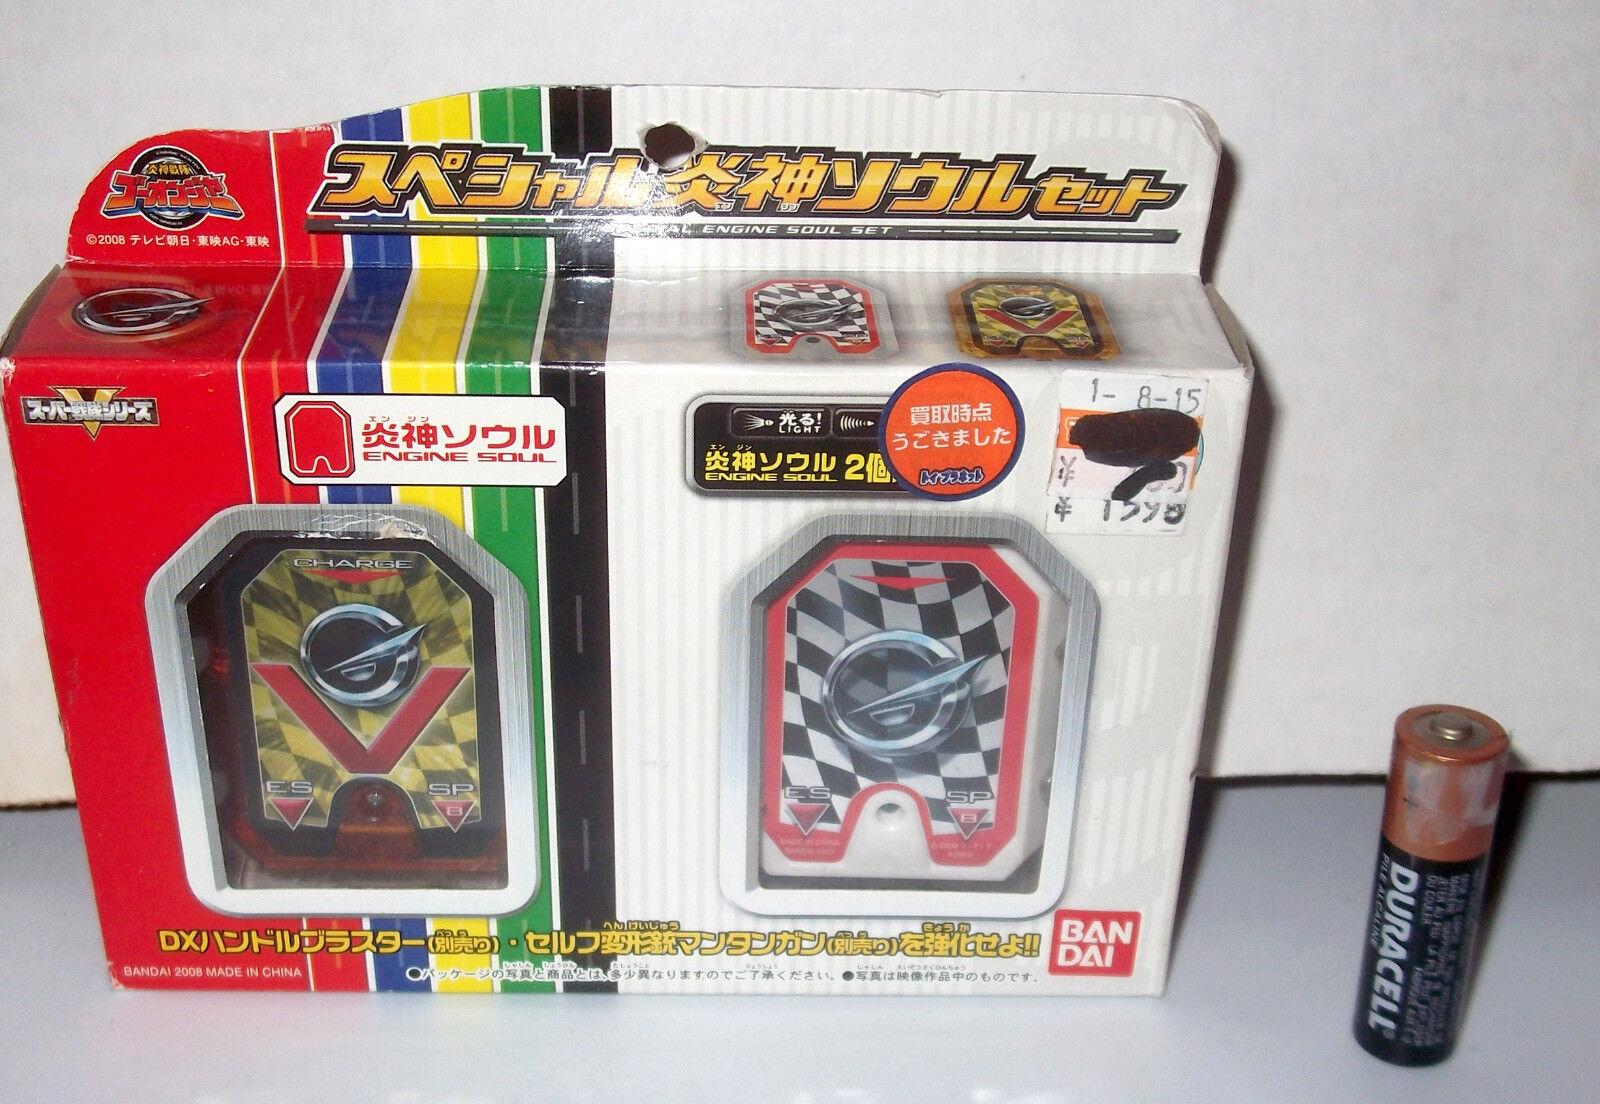 Power Rangers GO-ONGER DX Special ENGINE SOUL SET  overdrive in box - RPM JAPAN  garantie de crédit